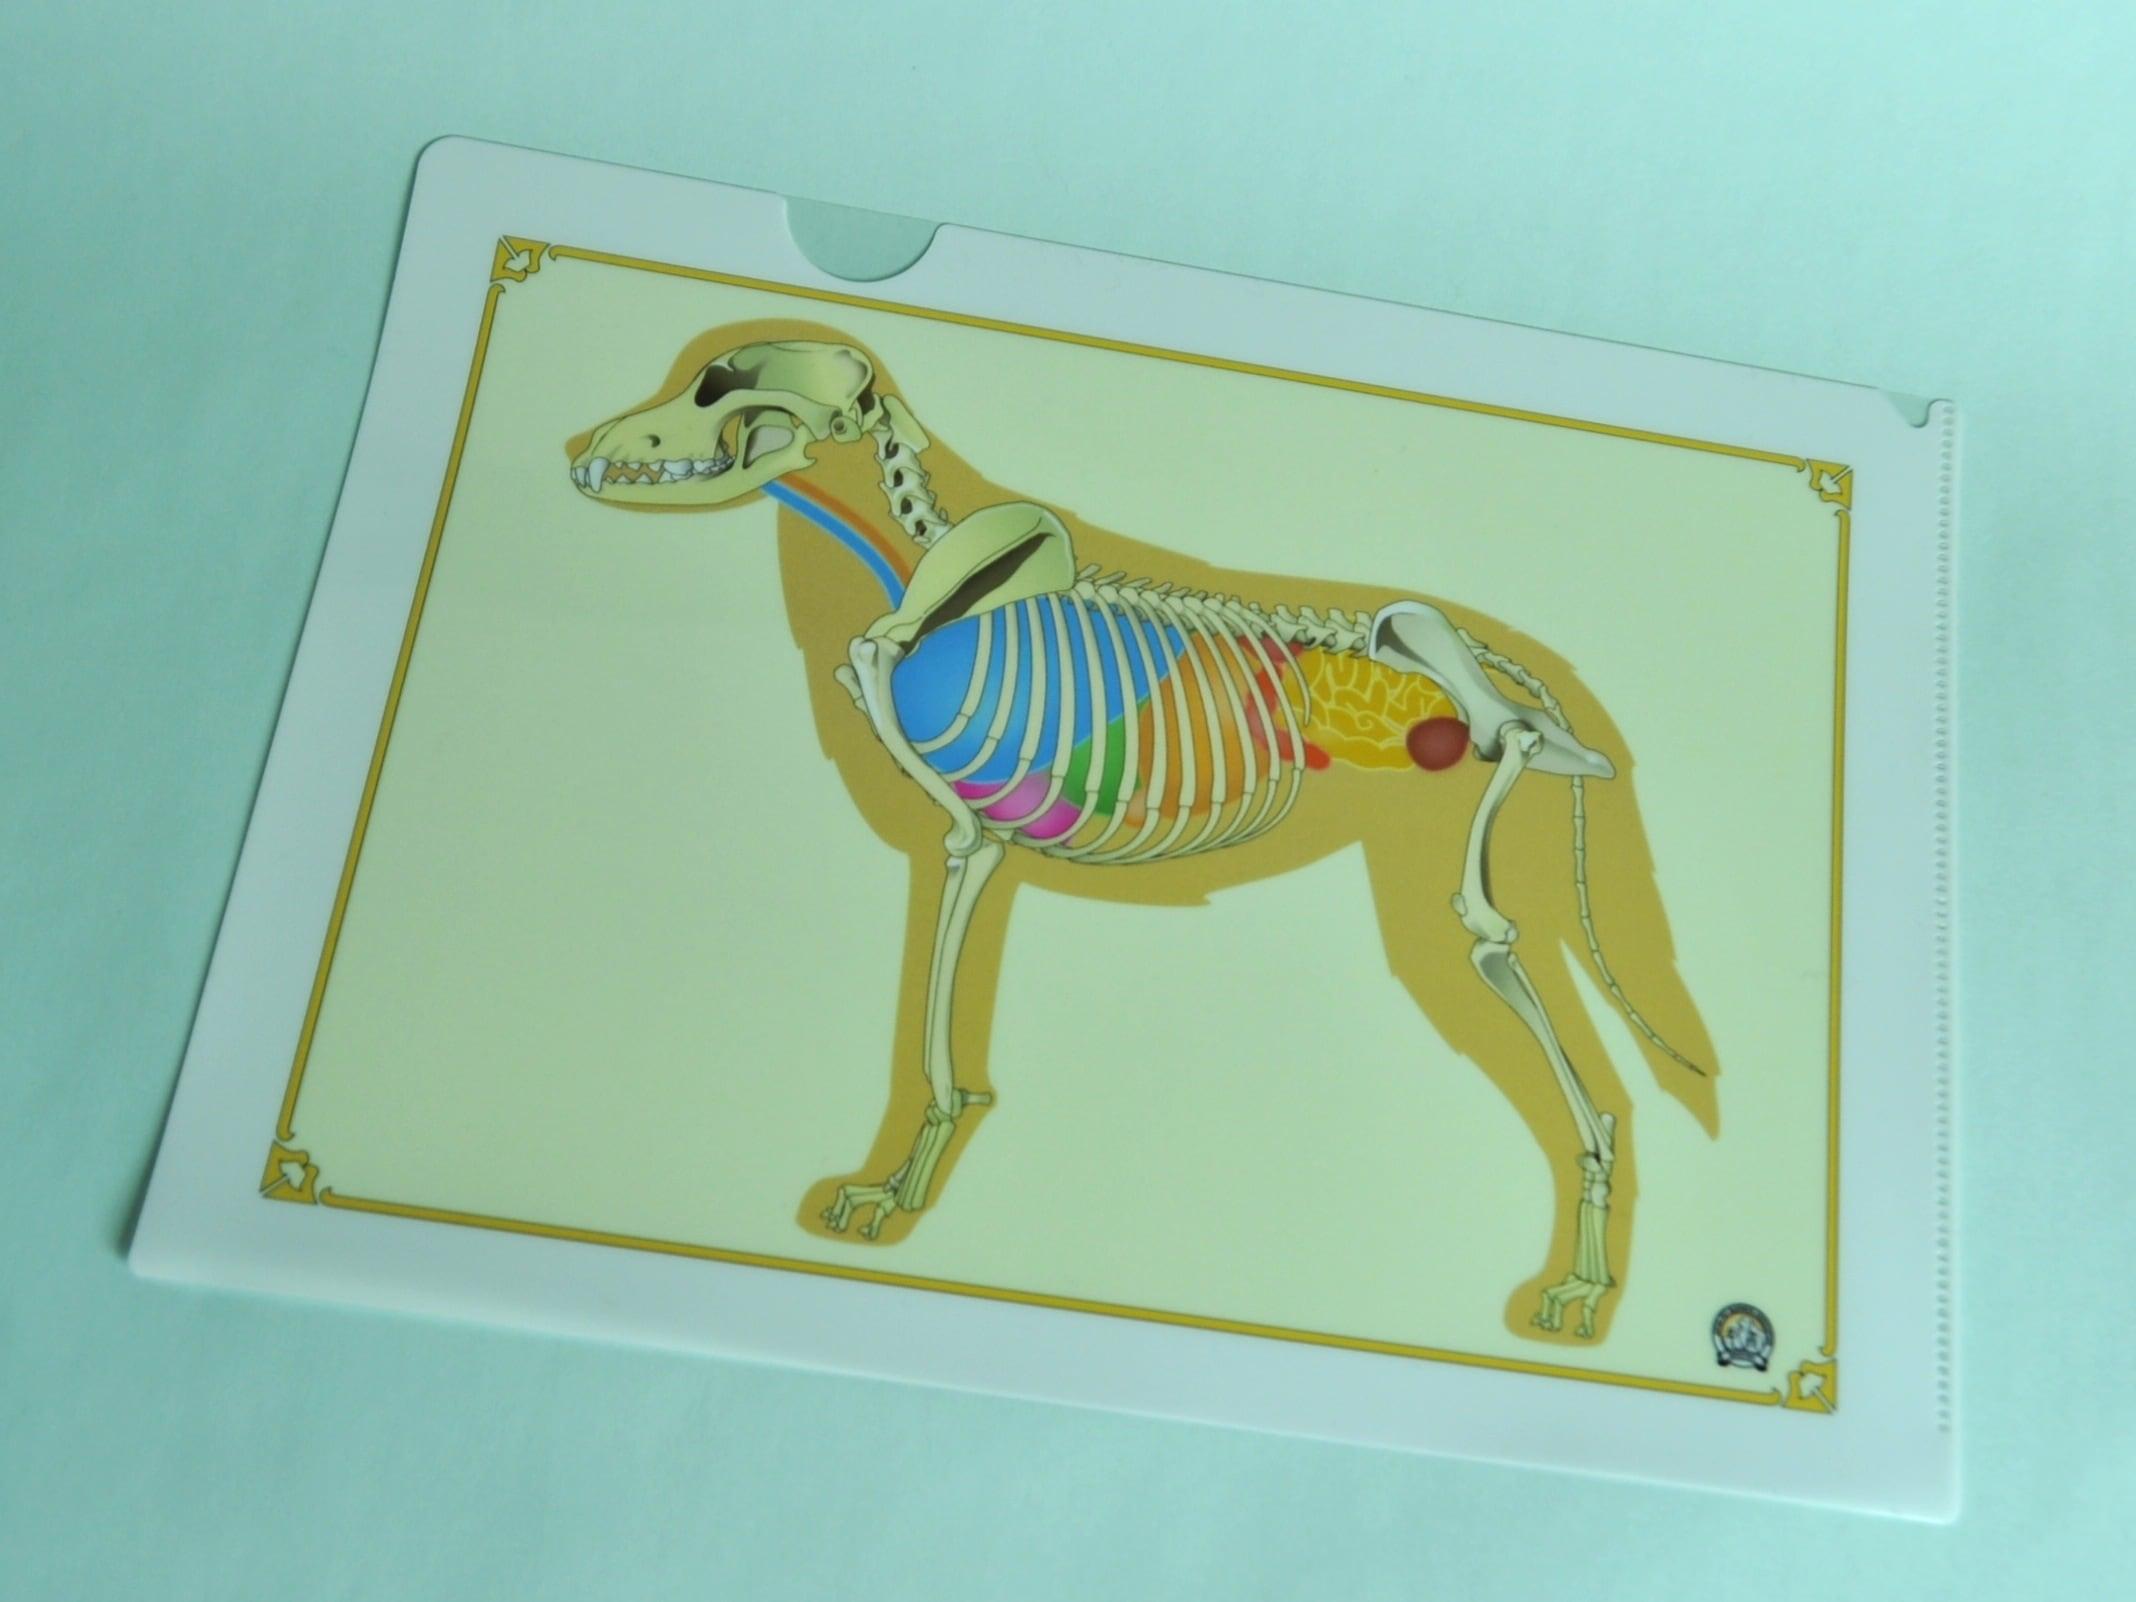 犬骨格プリント クリアファイル A4サイズ